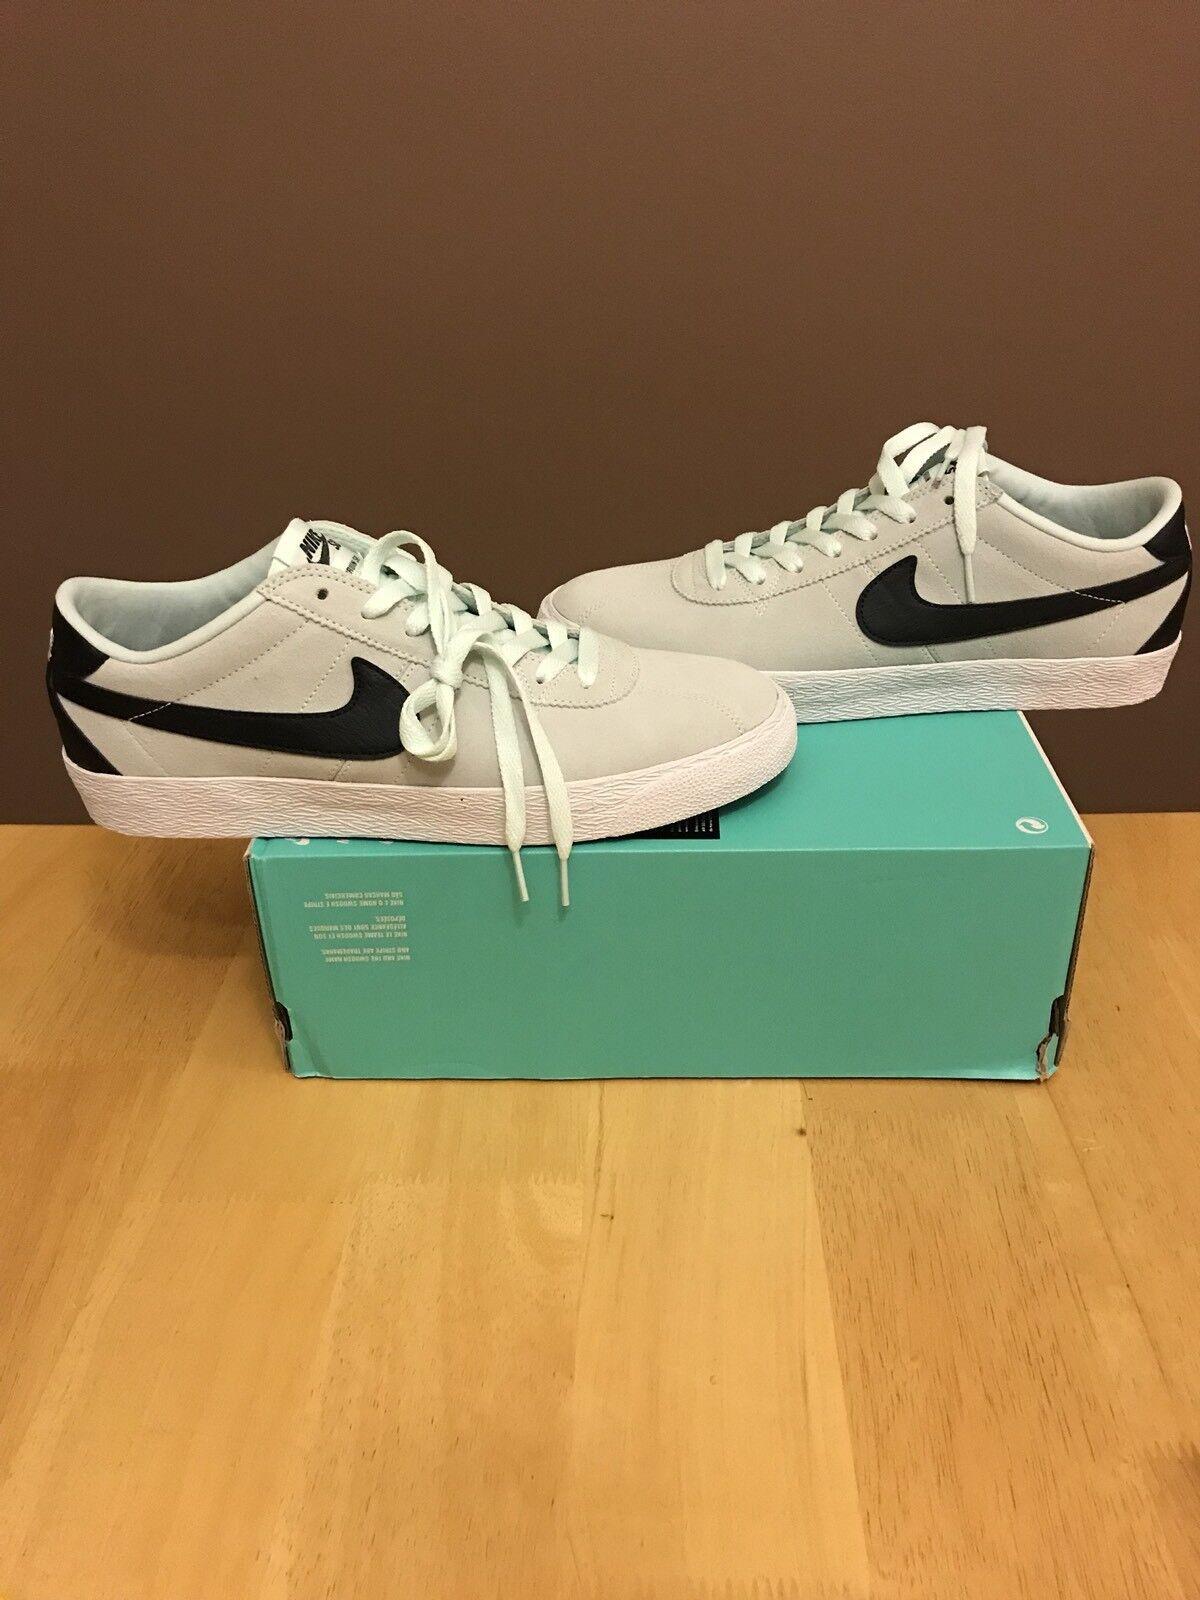 b9946d2f0800 Nike SB Bruin Zoom PRM PRM PRM SE Mint Grey Black Size 10.5 Rare ...